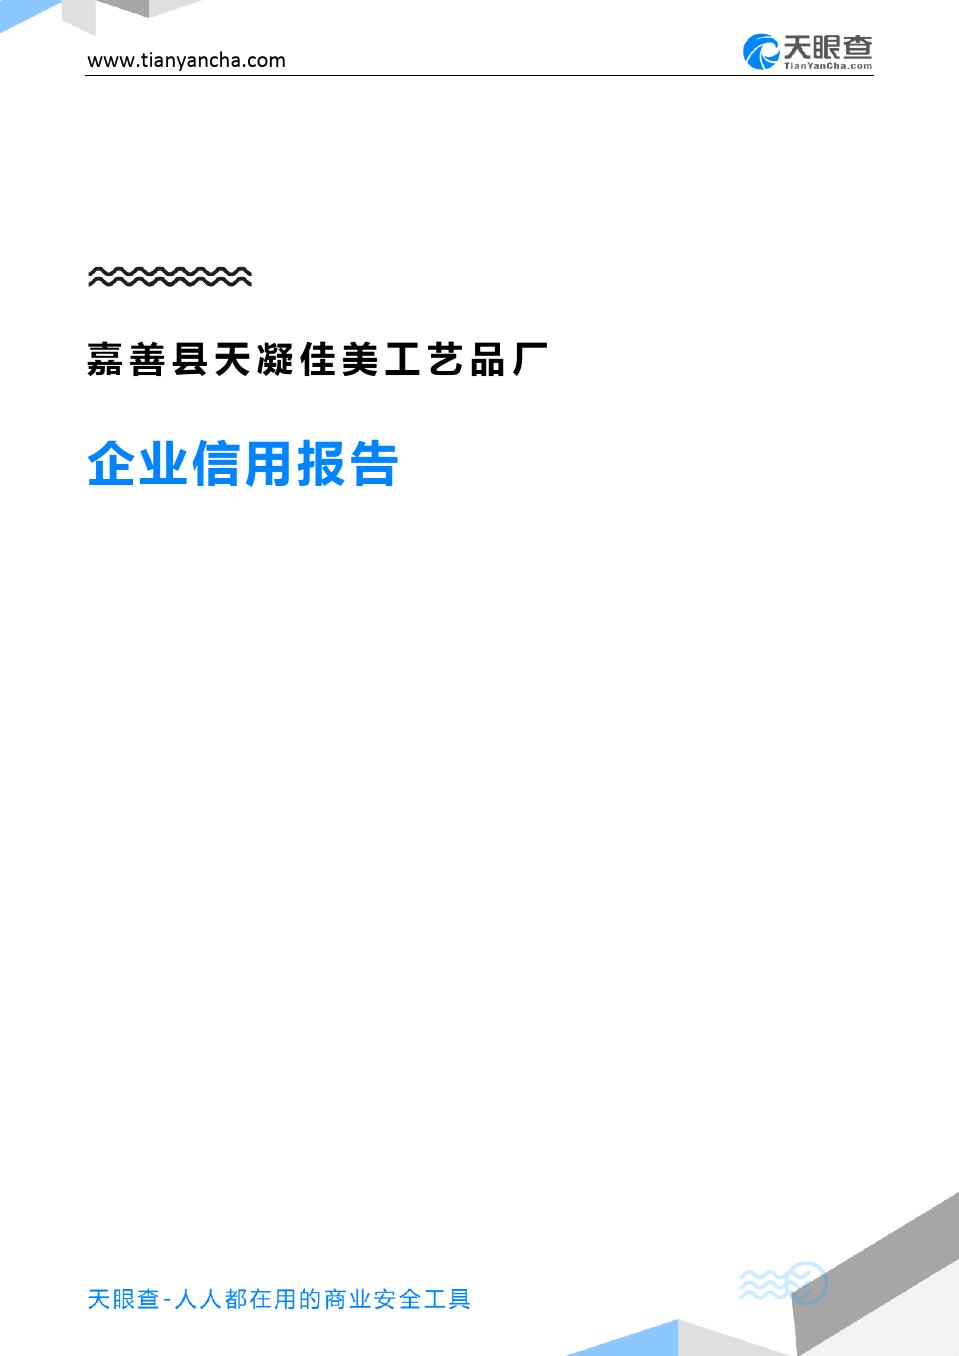 嘉善县天凝佳美工艺品厂(企业信用报告)- 天眼查